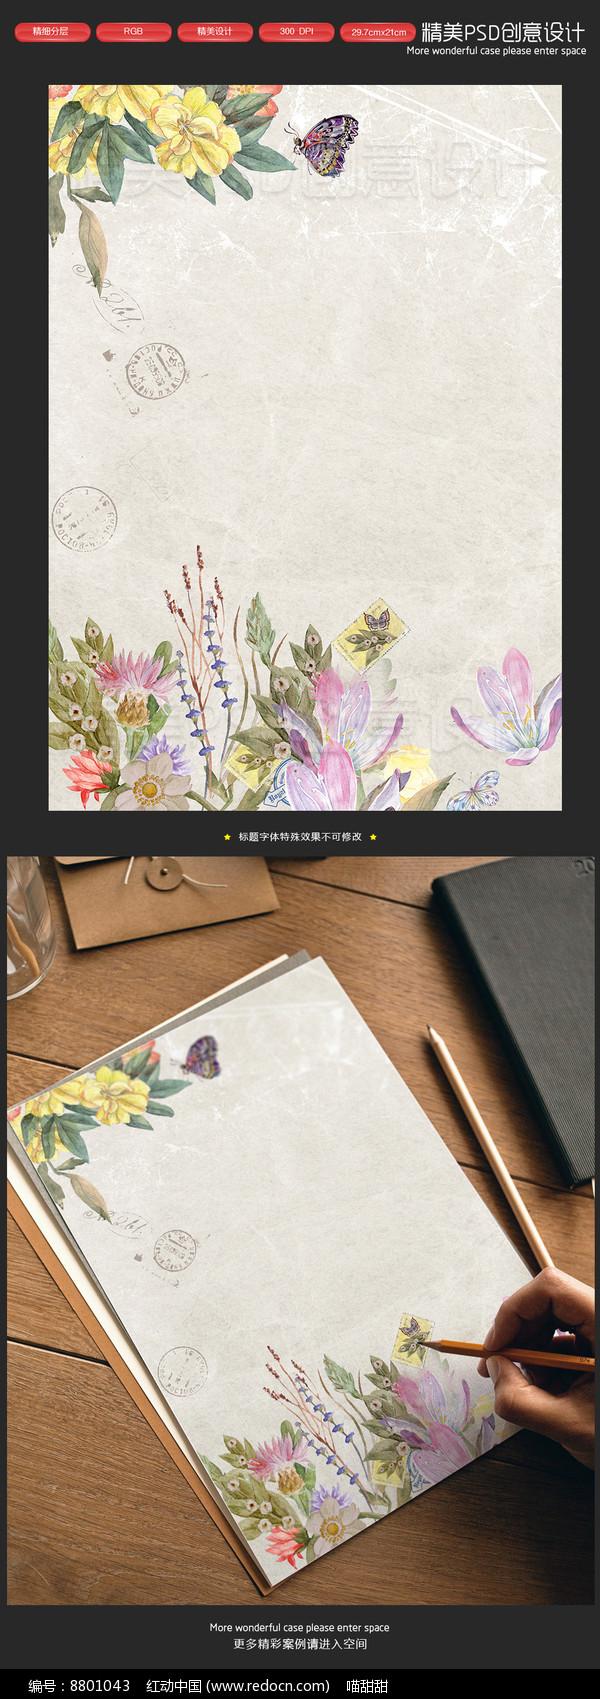 复古手绘田园花朵唯美信纸图片